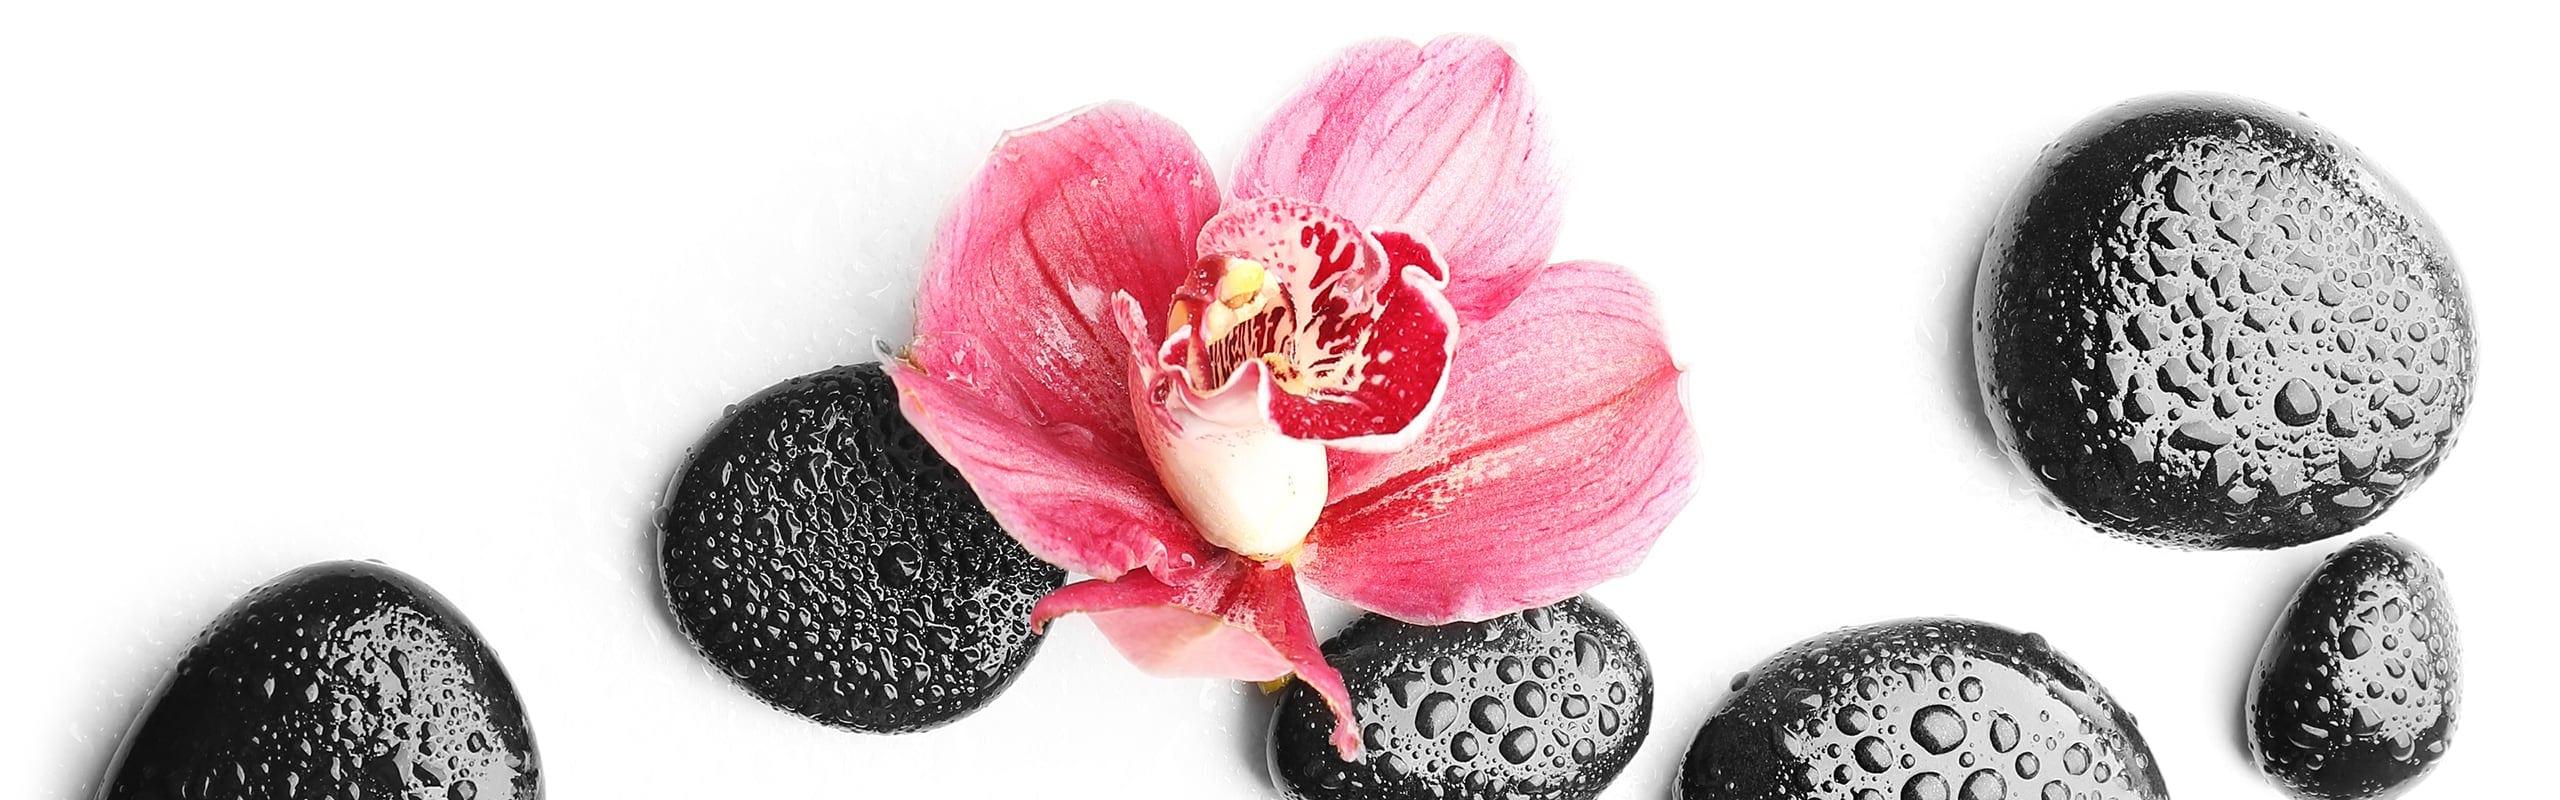 Nasse schwarze Steine mit rosa Blume in der Mitte